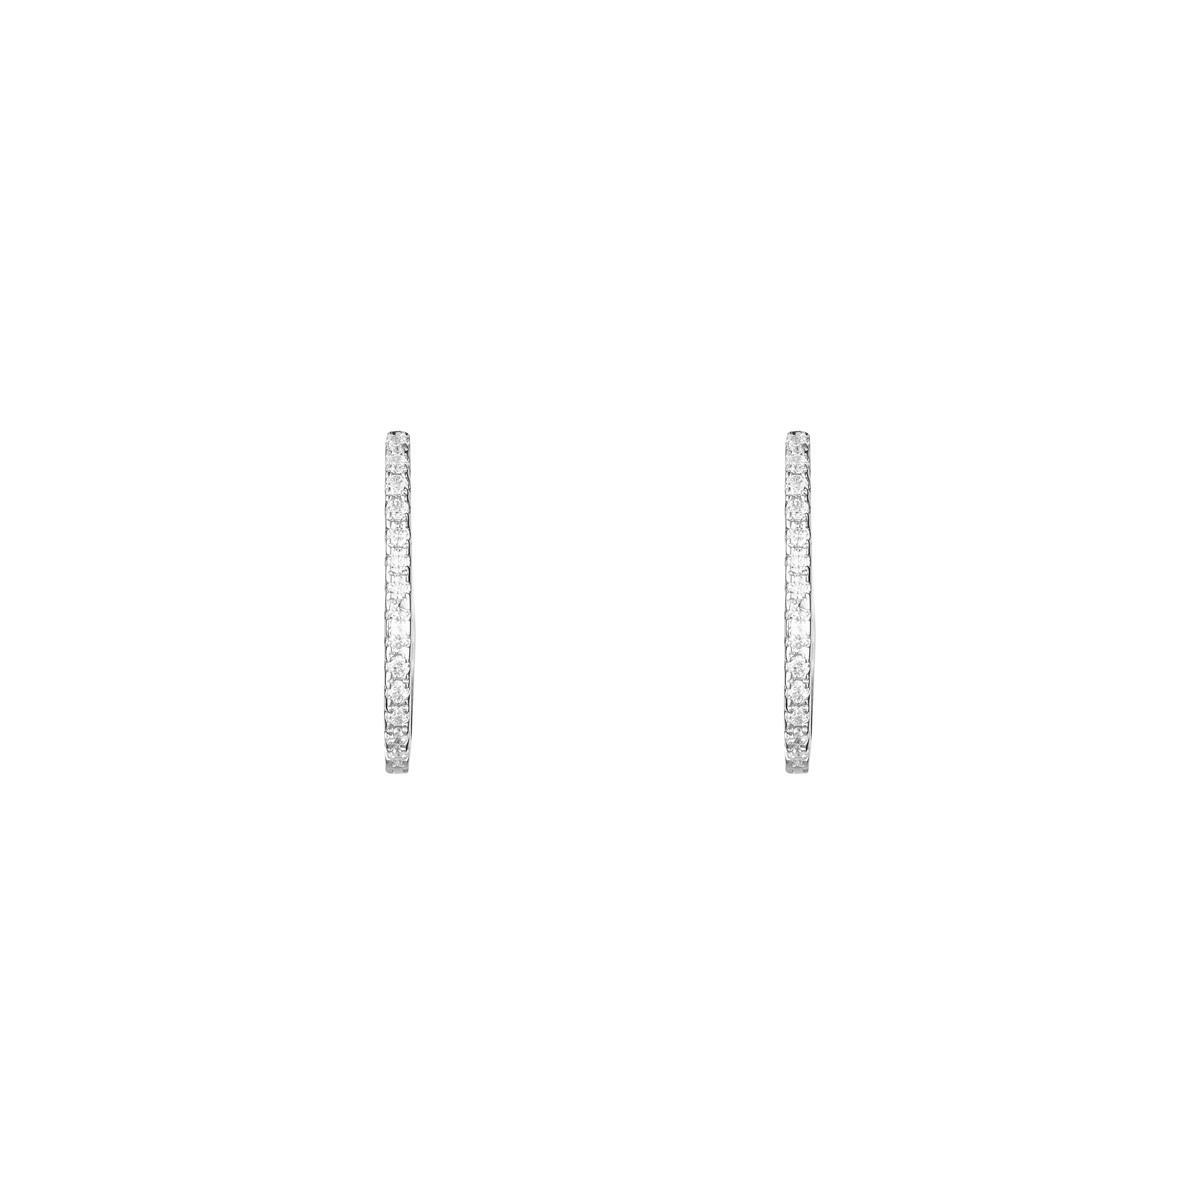 Boucles d'oreilles femme alizée Or Blanc 375 et zirconium